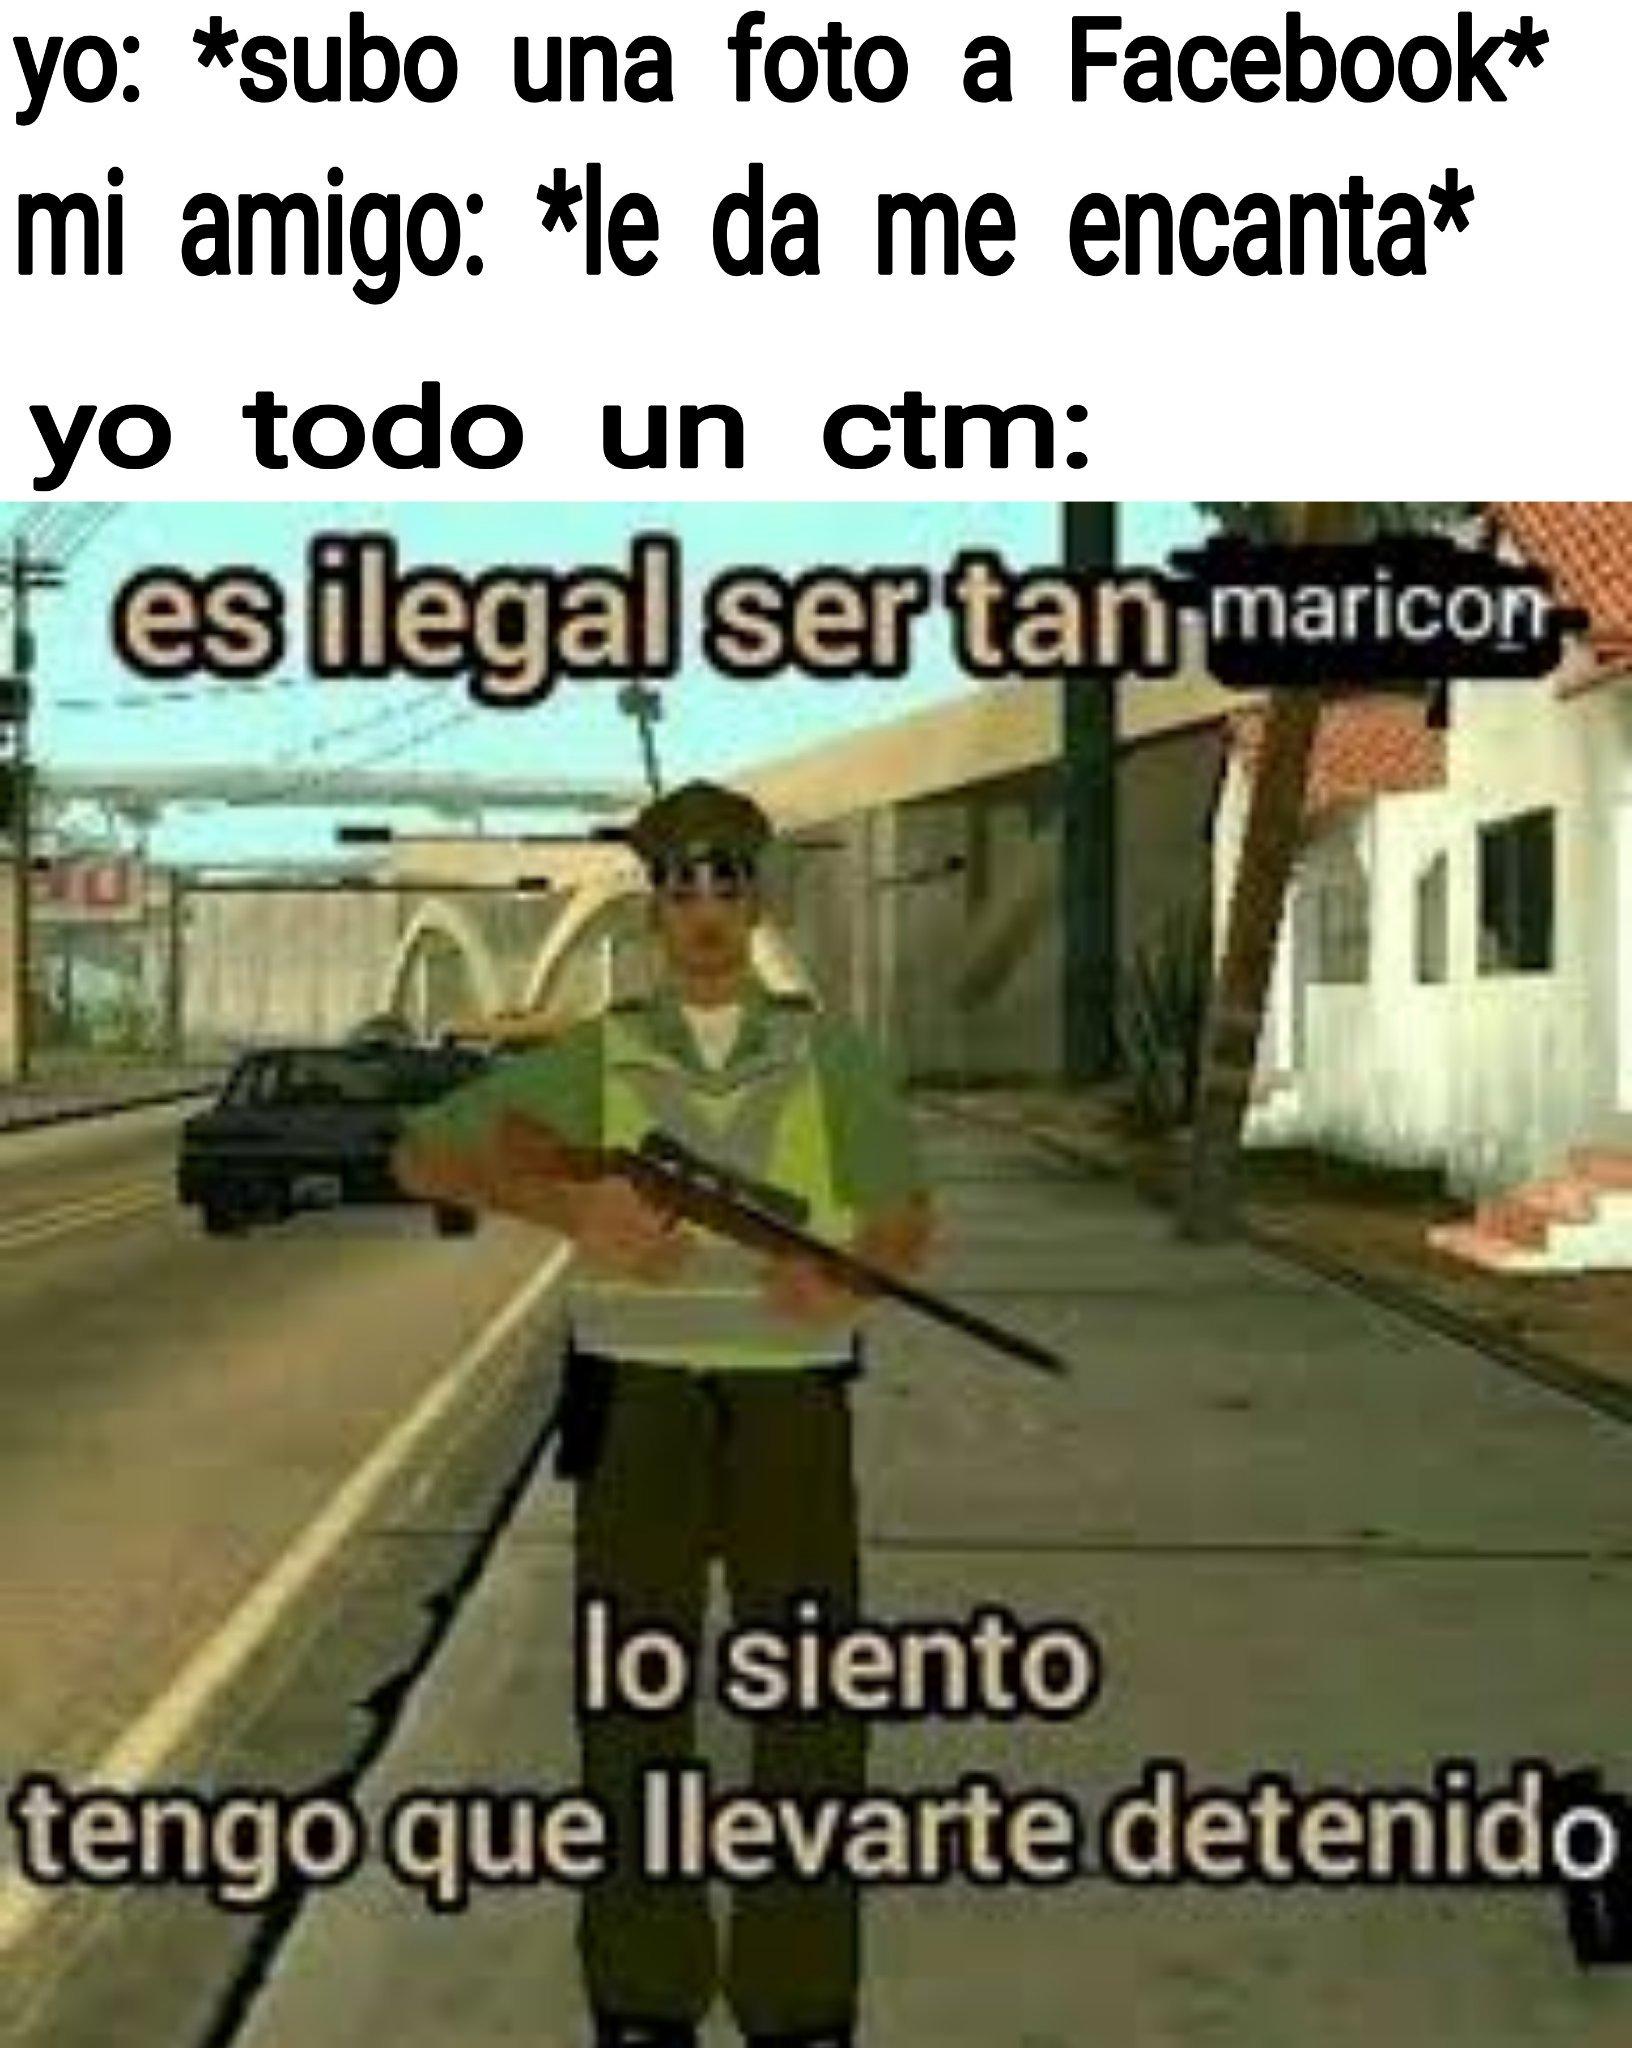 Es ilegal - meme